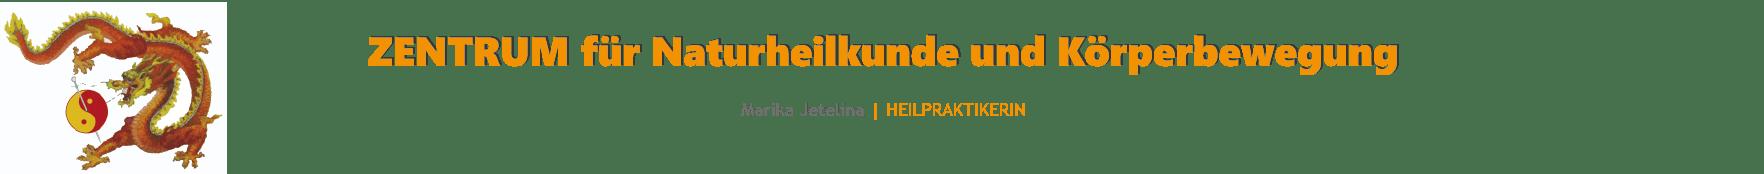 Marika Jetelina | HEILPRAKTIKERIN